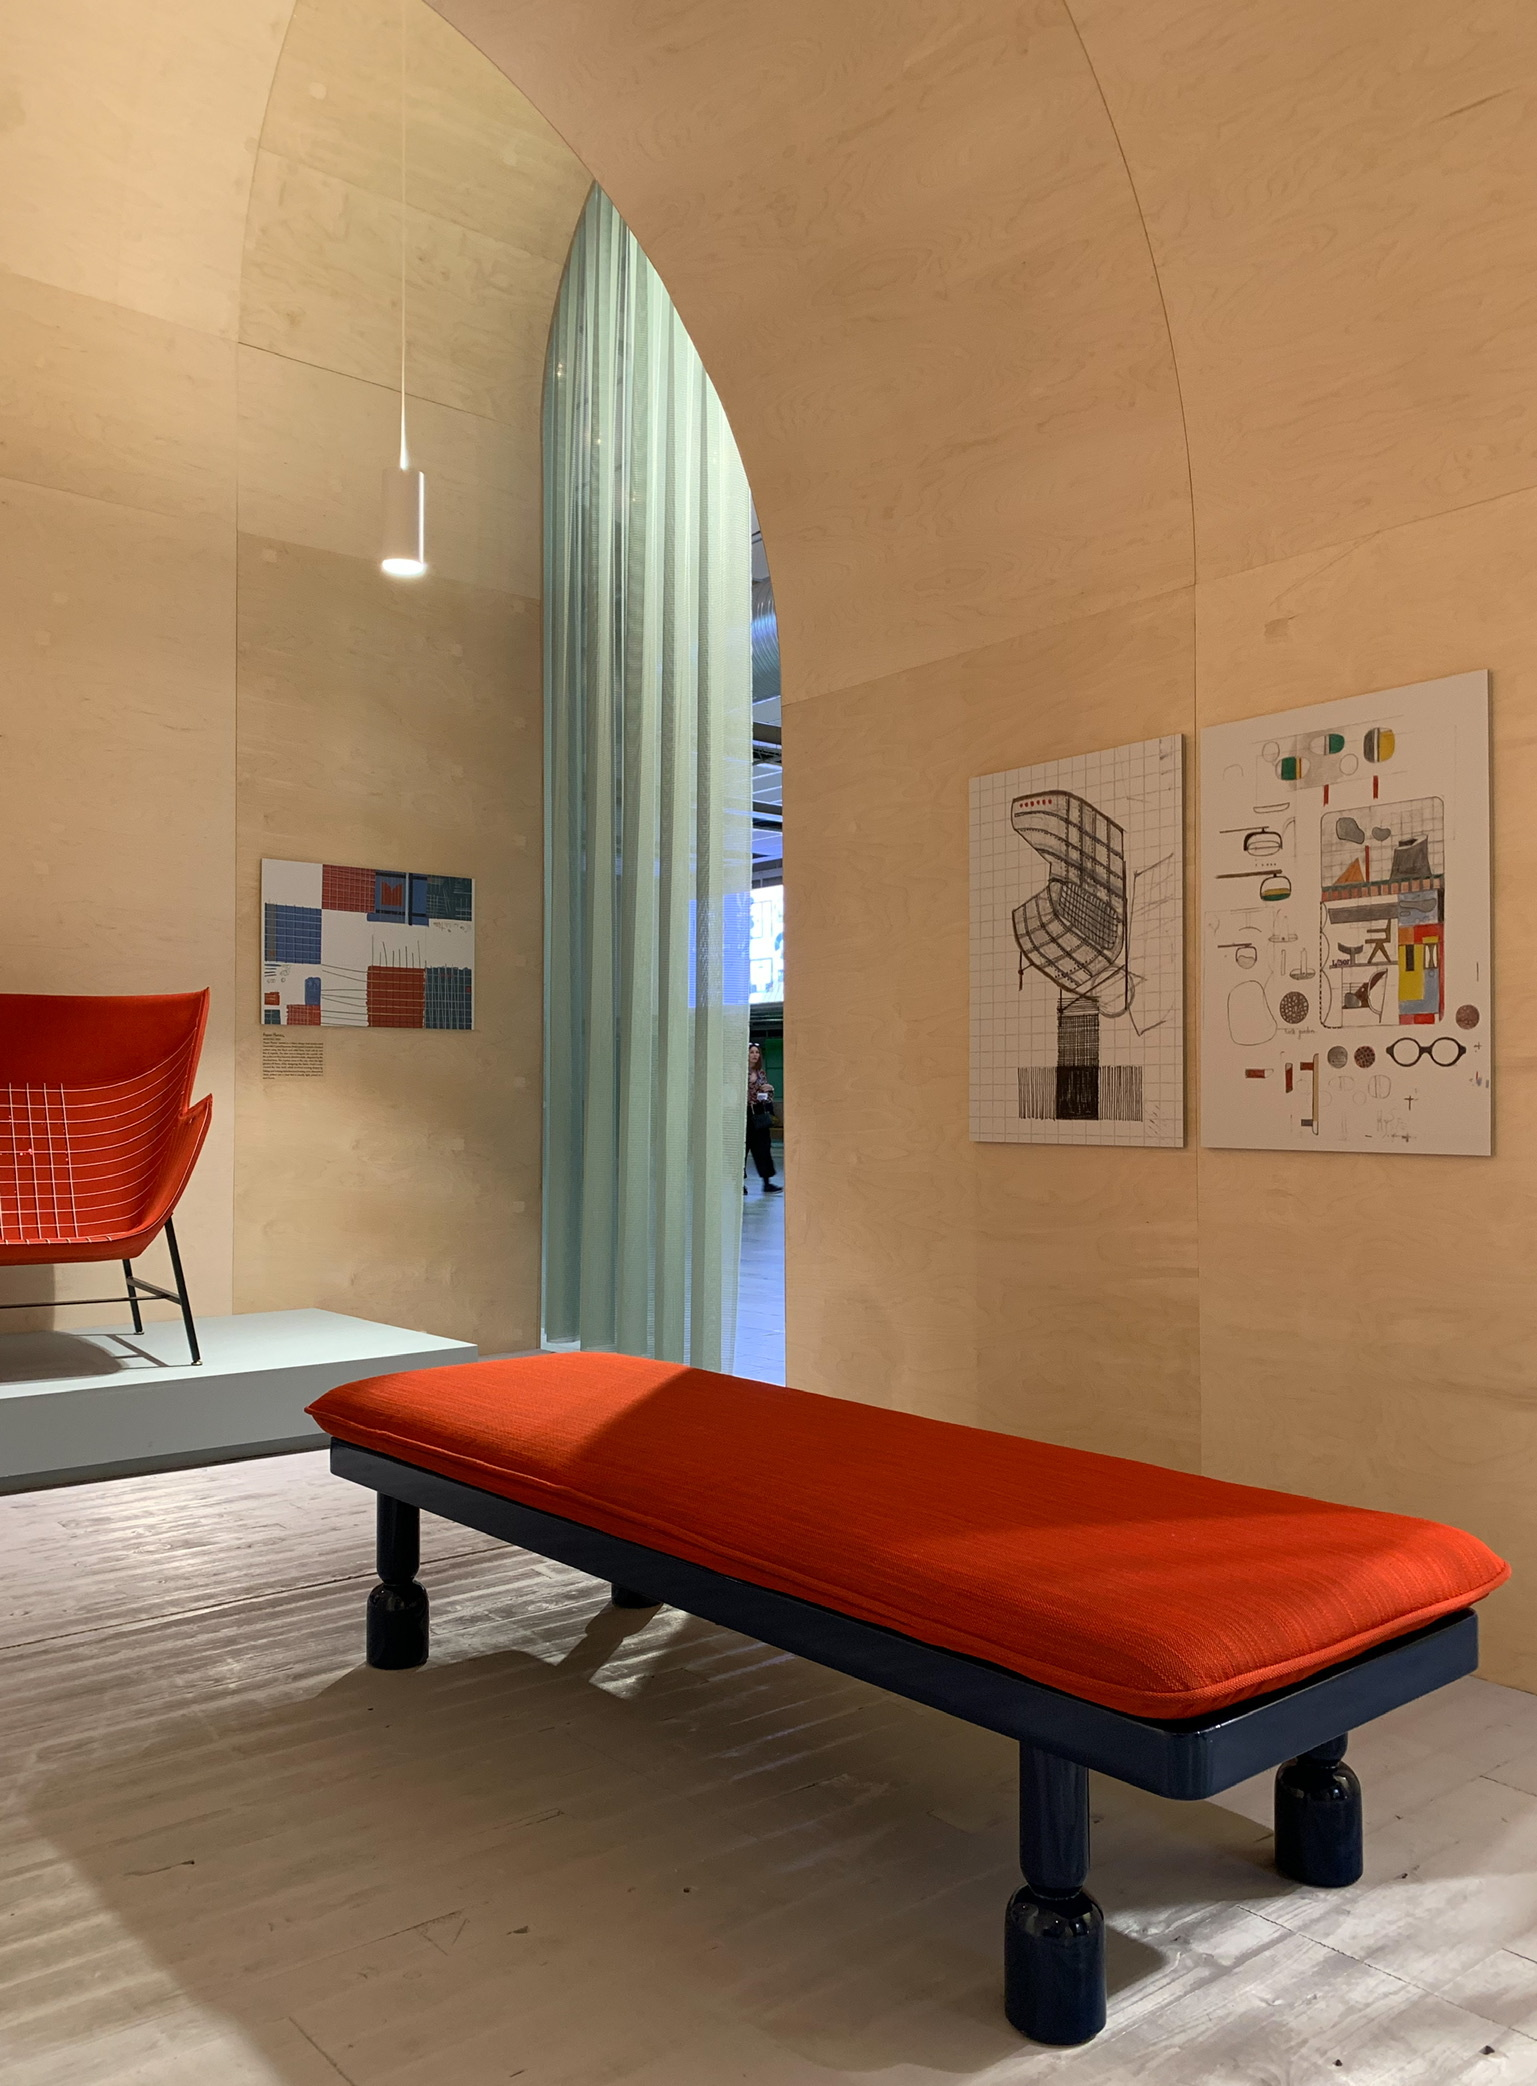 Неделя дизайна в Стокгольме 2020: блог бюро P+Z (галерея 8, фото 4)